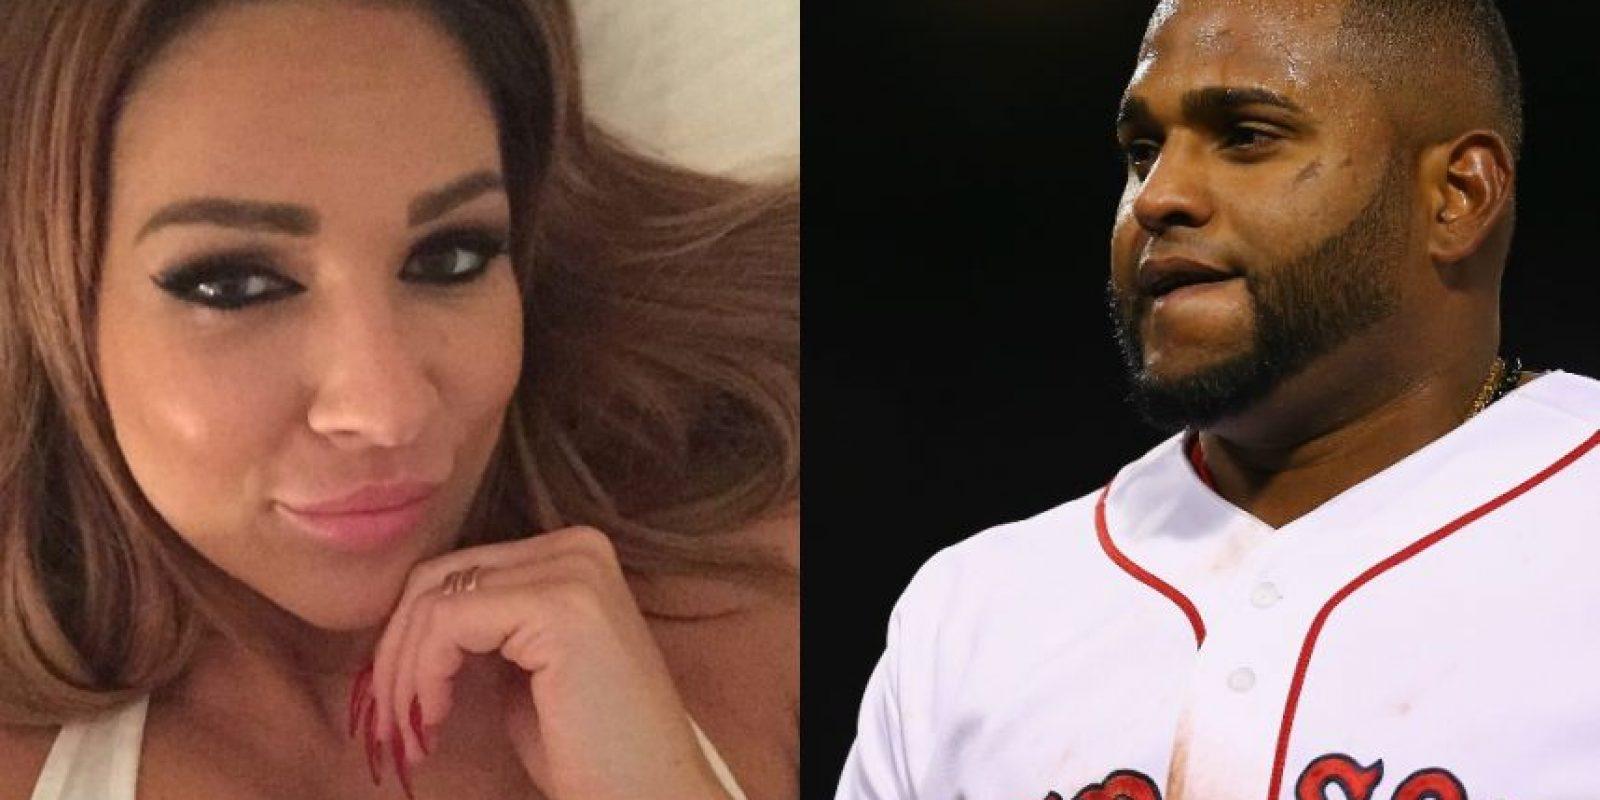 Pablo Sandoval, tercera base de los Boston Red Sox, fue sorprendido usando redes sociales en pleno partido. Foto:Vía instagram.com/instagram.com/diva_legacy // Getty Images